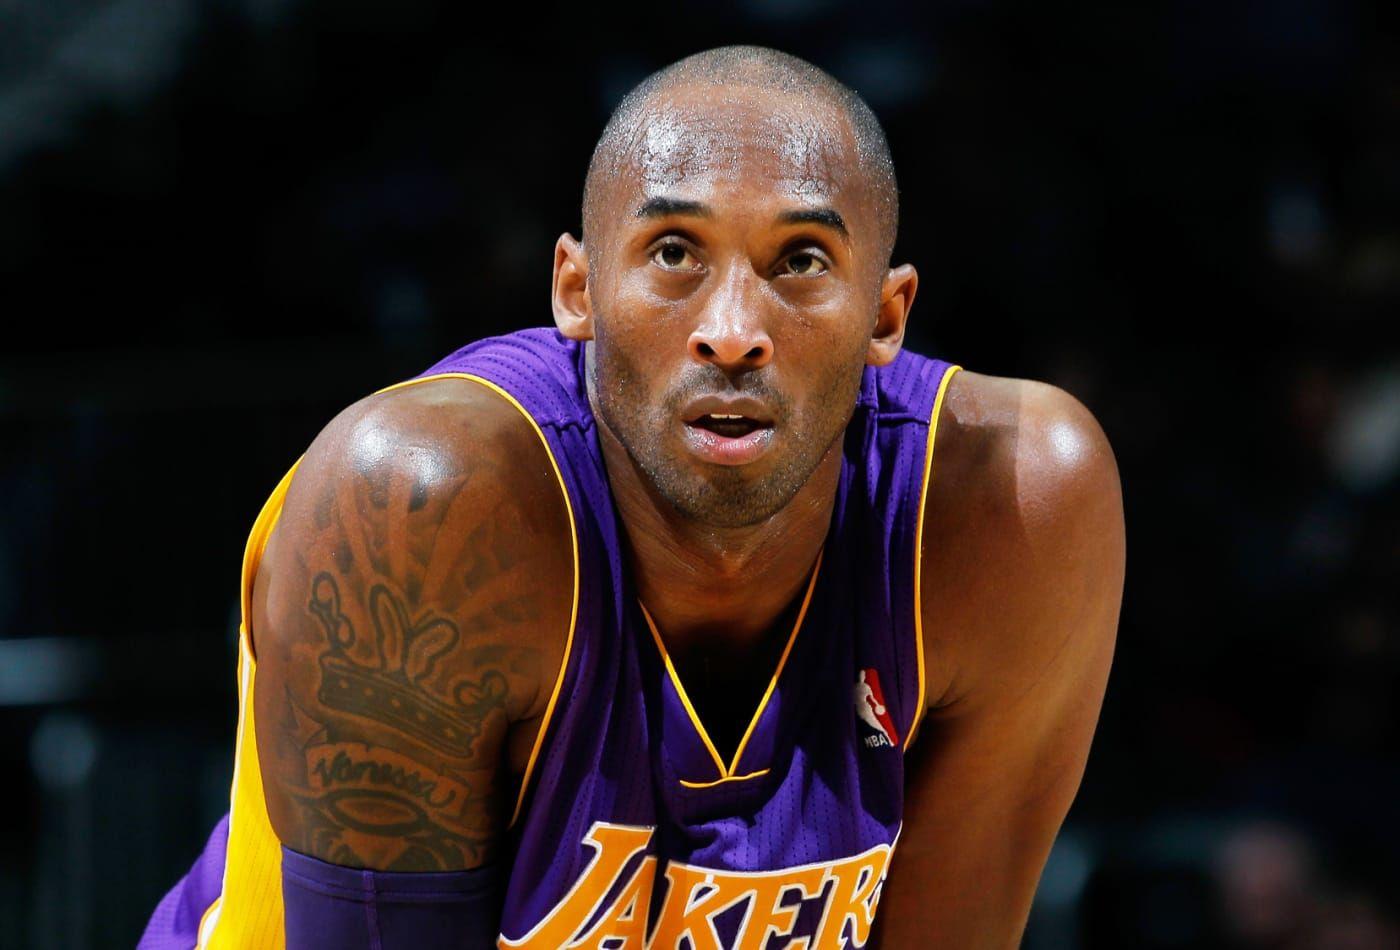 ¿Quién era Kobe Bryant, la estrella del básquet que murió en un accidente con su helicóptero?